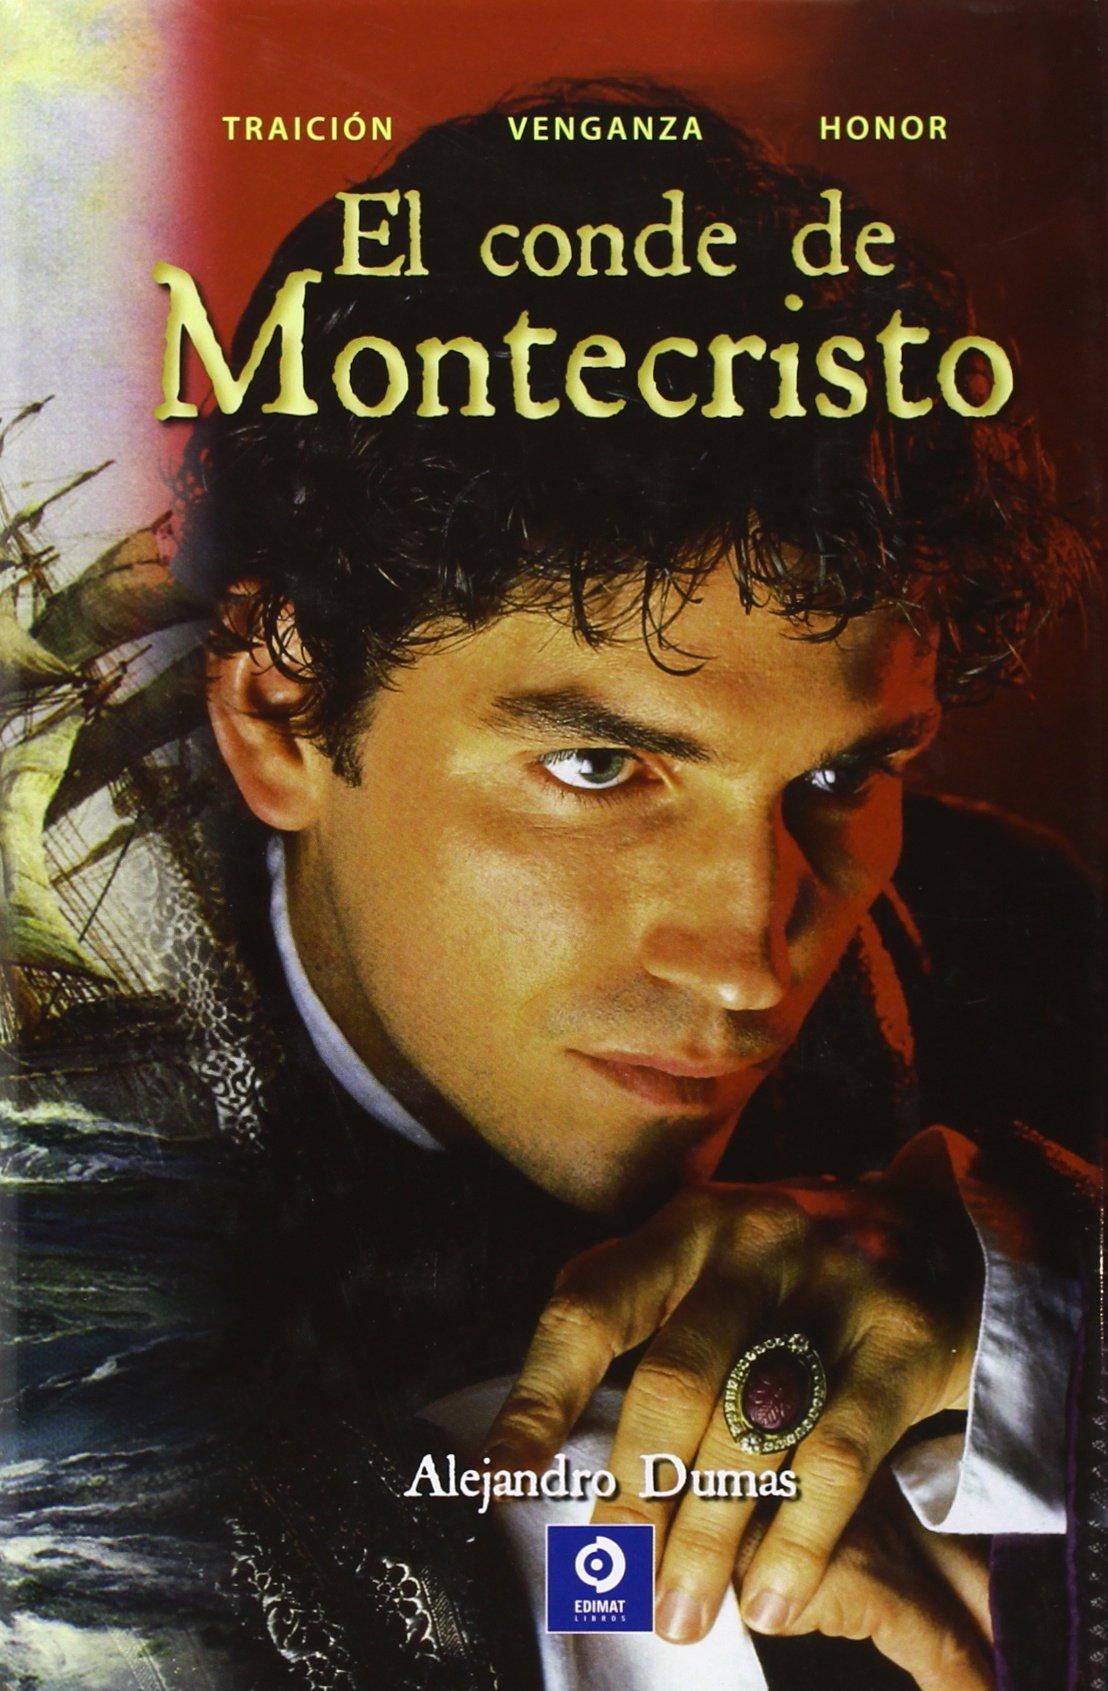 El Conde de Montecristo (Clásicos de pelicula): Amazon.es: Alejandro Dumas: Libros